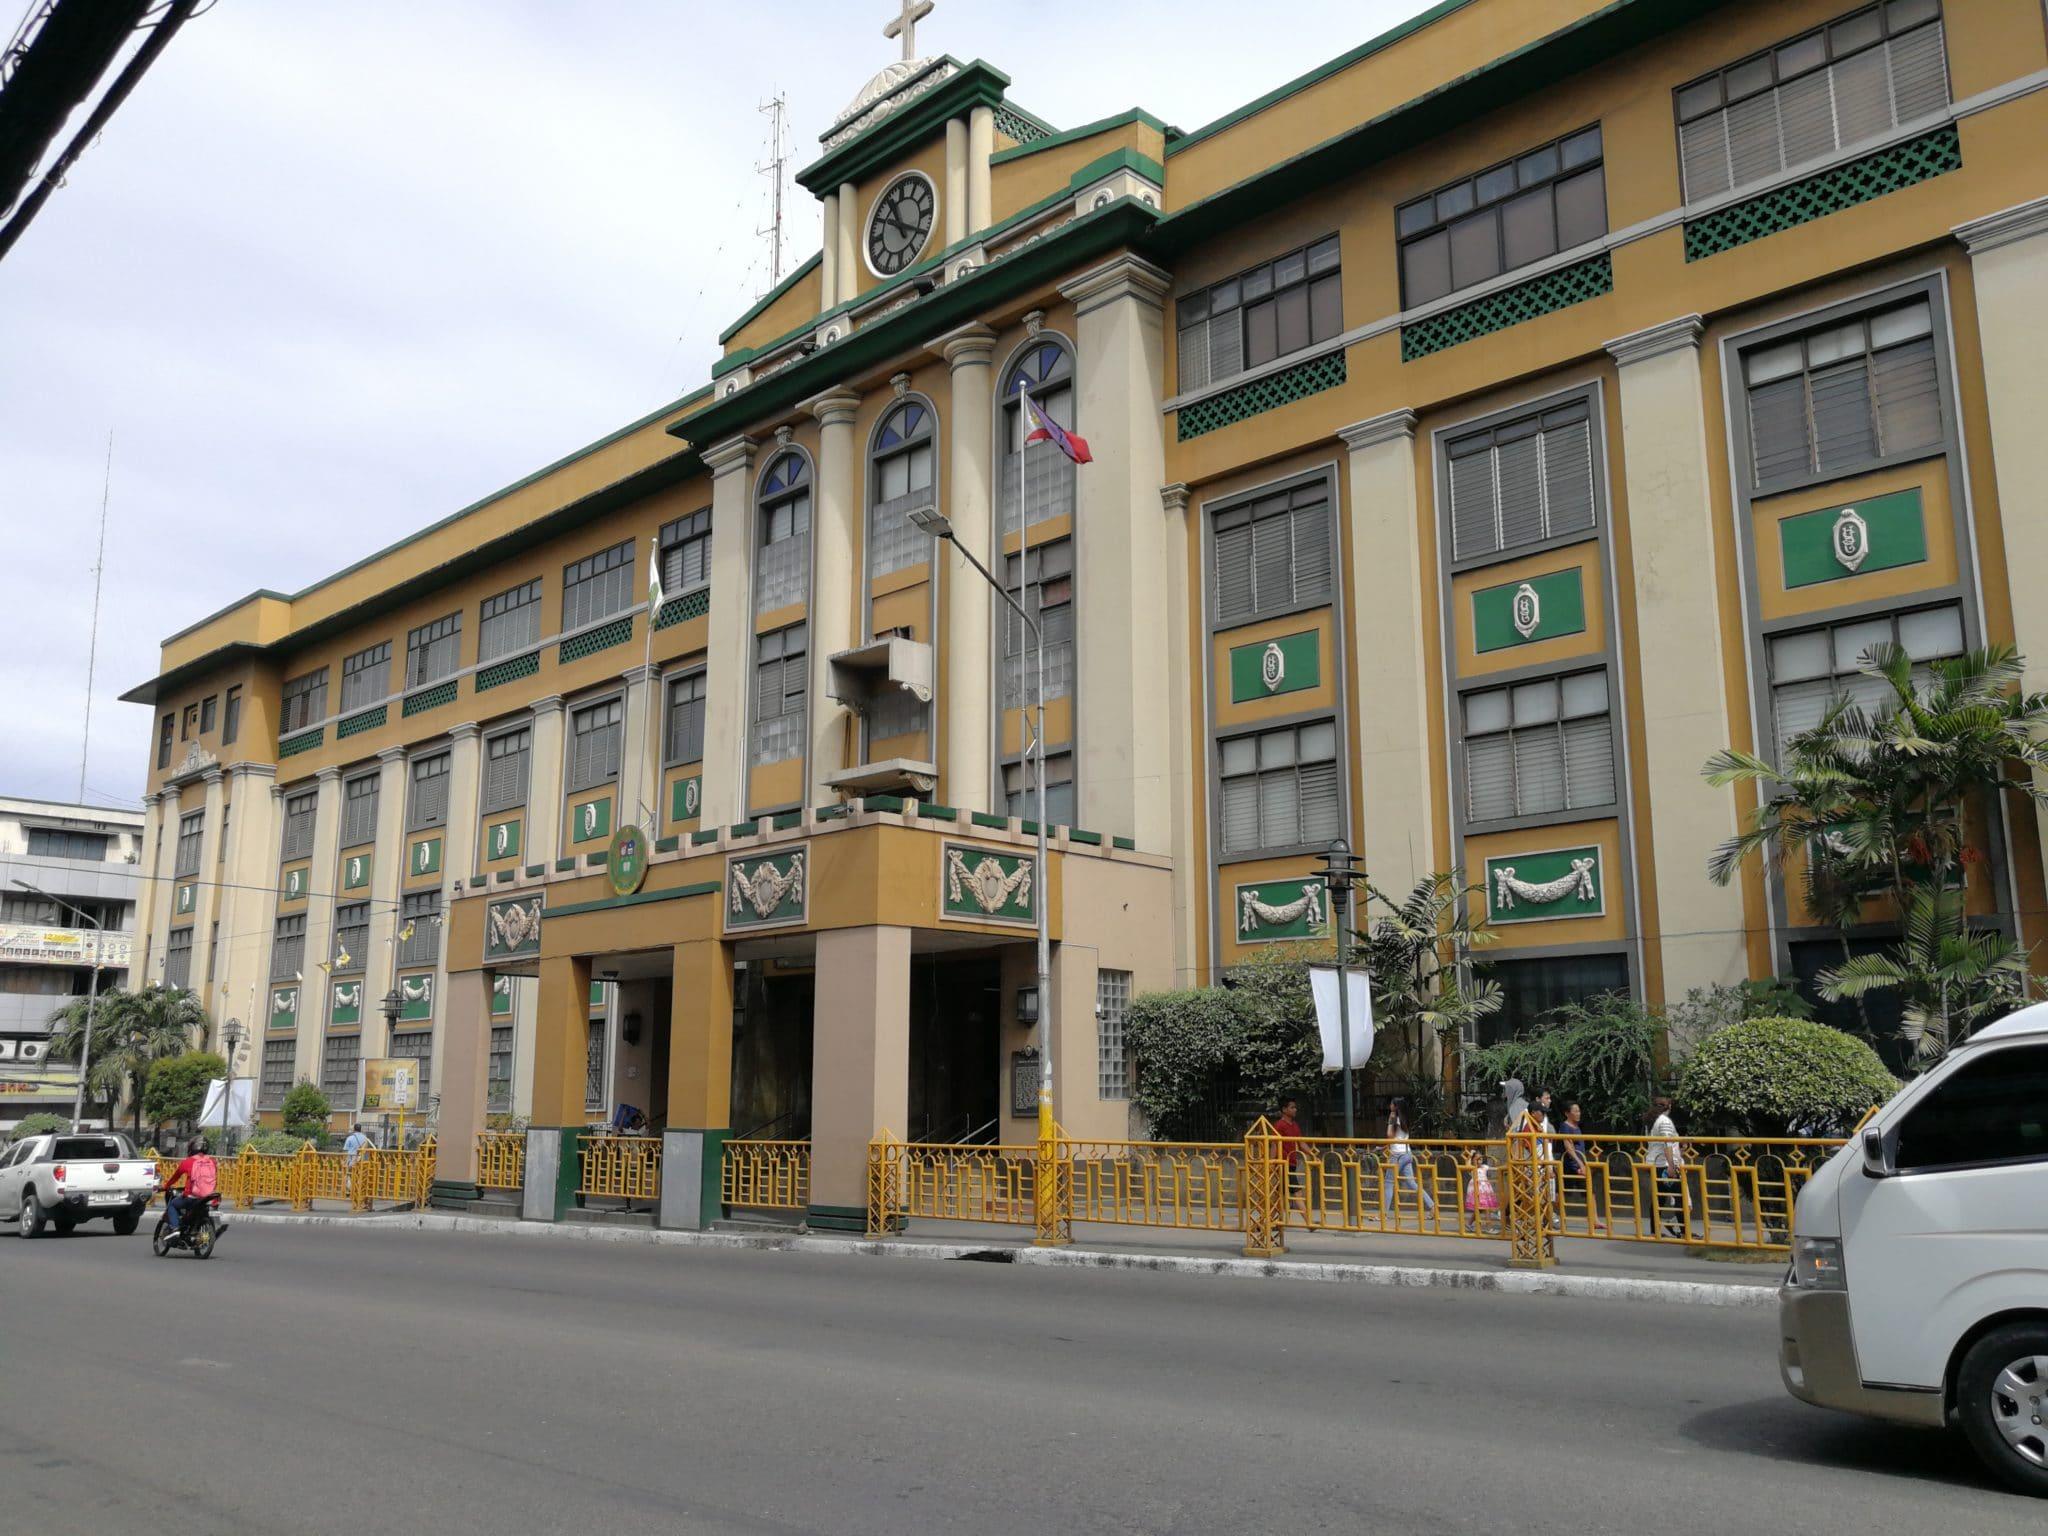 サン・カルロス大学(University of San Carlos)の外観